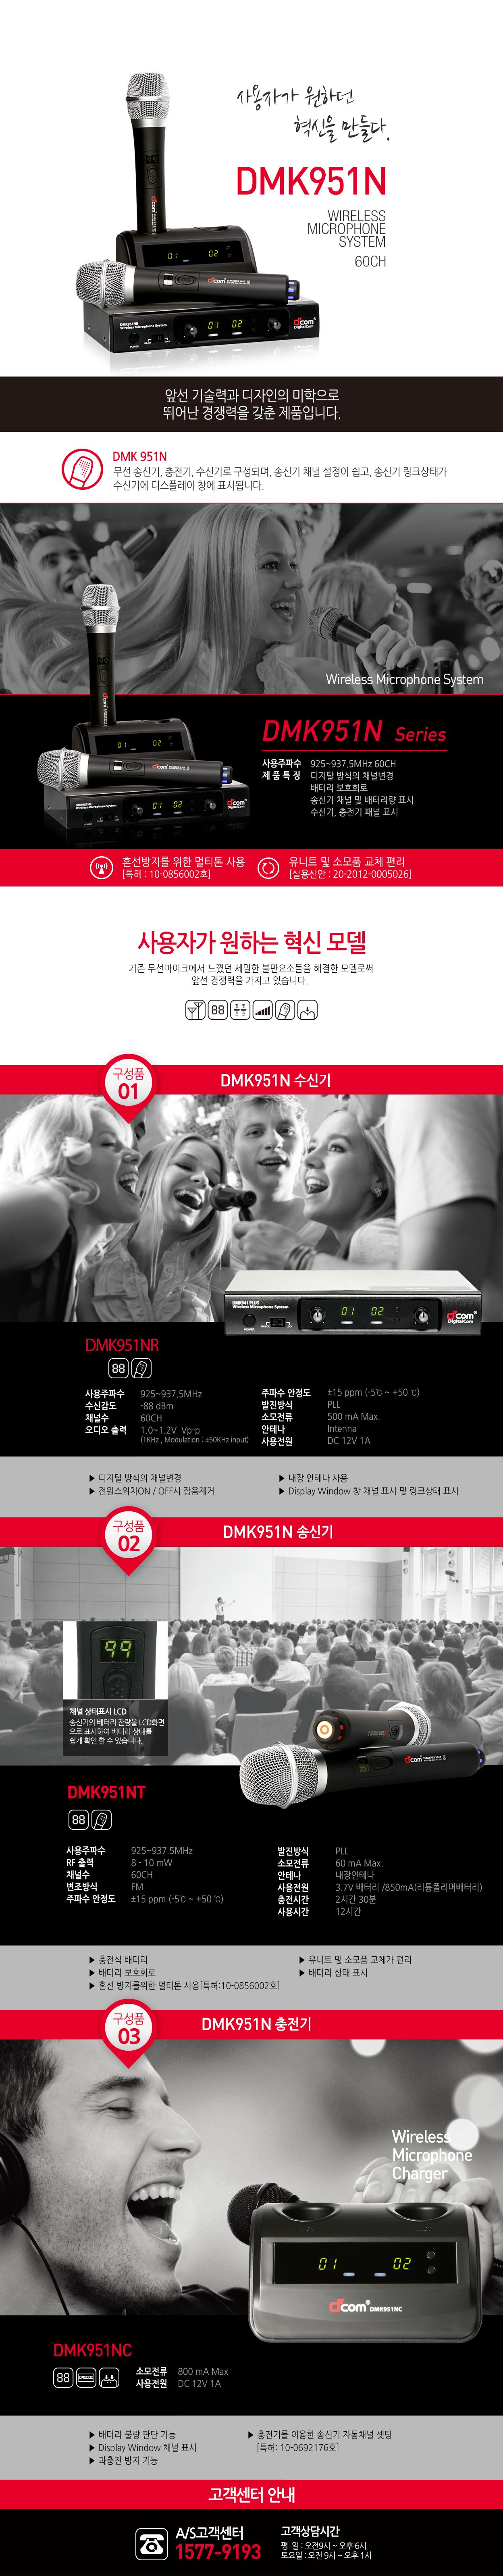 DMK951n-수정.png